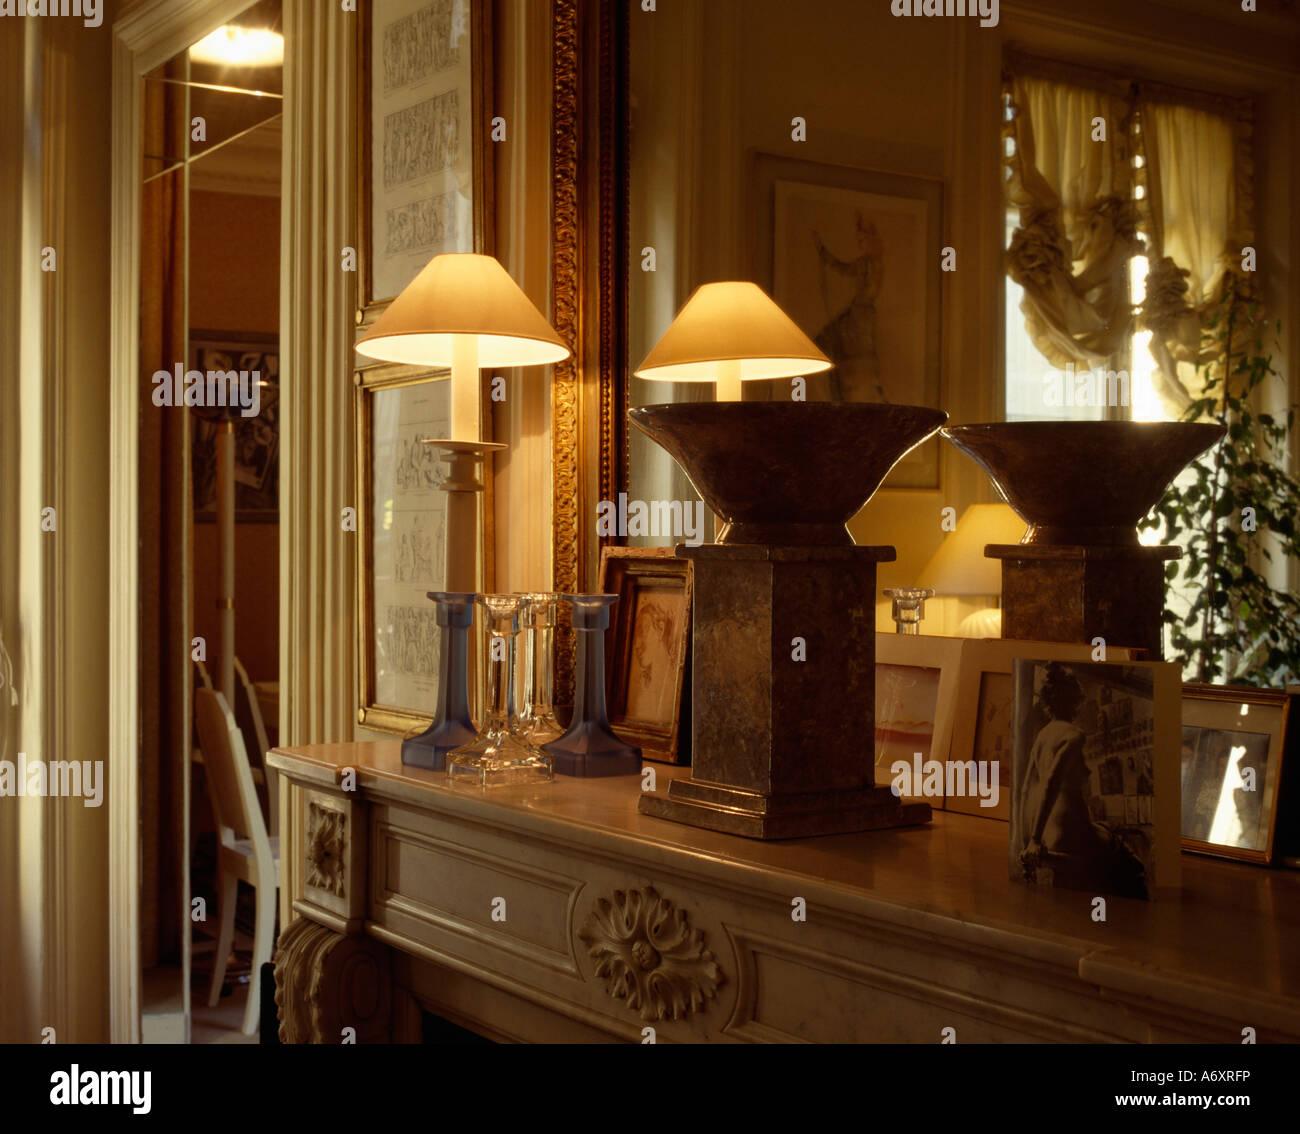 Nahaufnahme Von Beleuchteten Lampe Und Holzschale Auf Holz Sockel Auf  Kaminsims Mit Spiegelbild